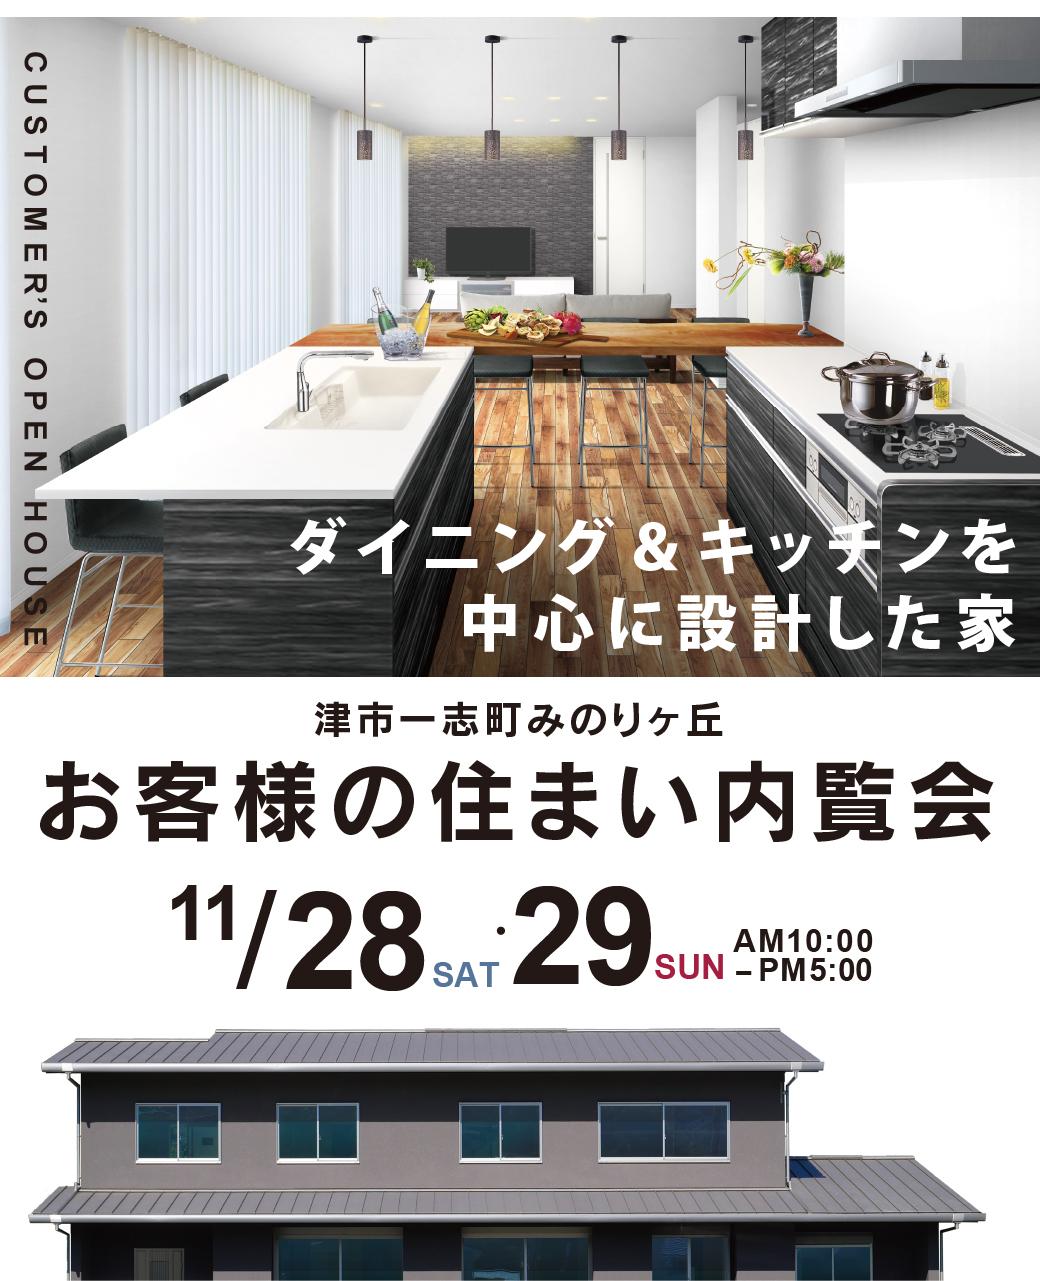 ダイニング&キッチンを中心に設計した家 津市一志町みのりヶ丘 お客様の住まい内覧会